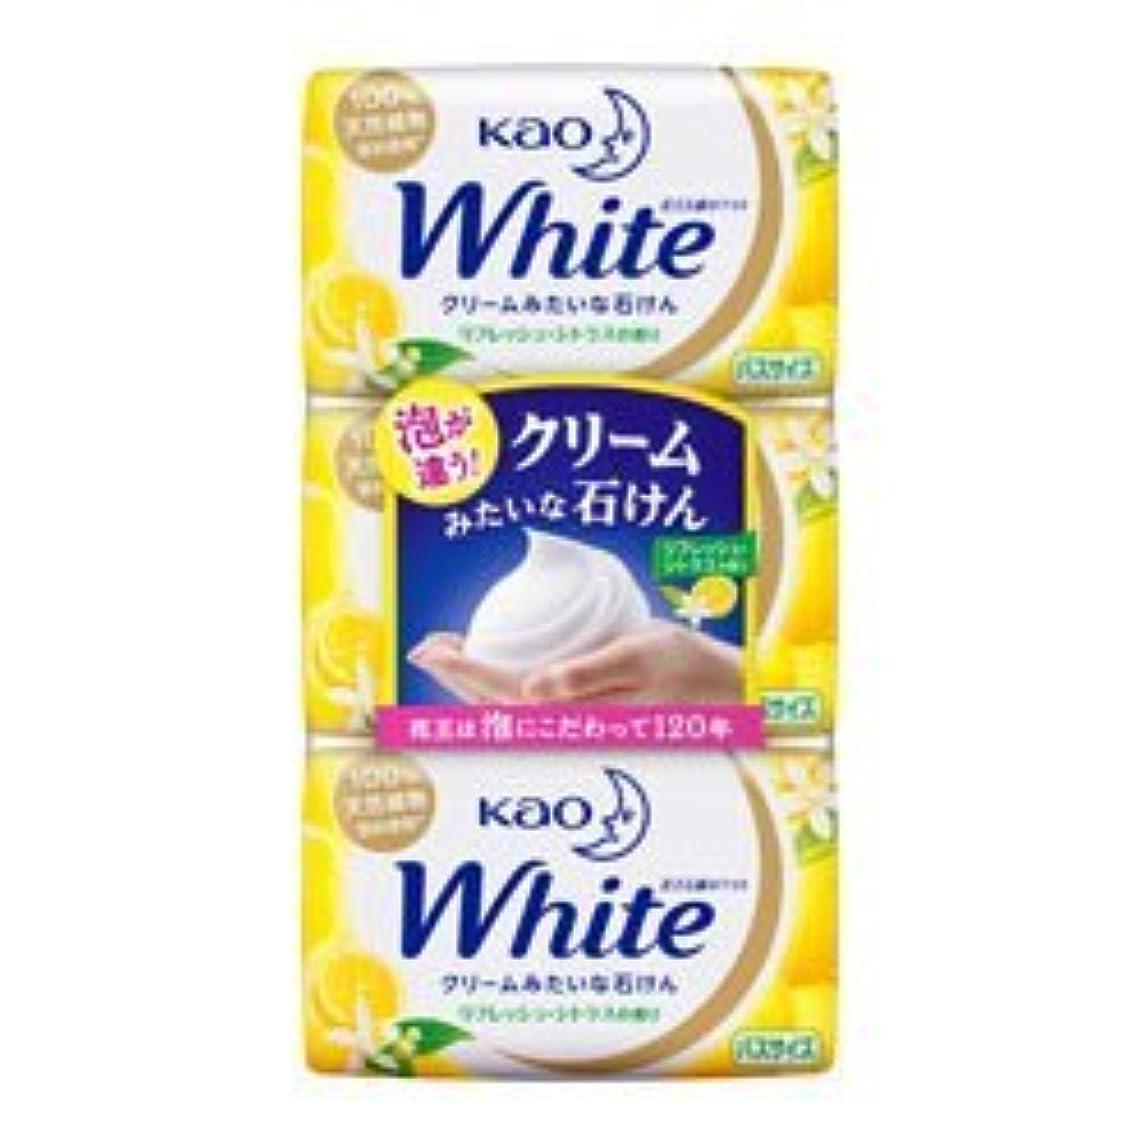 閃光売上高誤解する【花王】ホワイト リフレッシュ?シトラスの香り バスサイズ 130g×3個入 ×3個セット